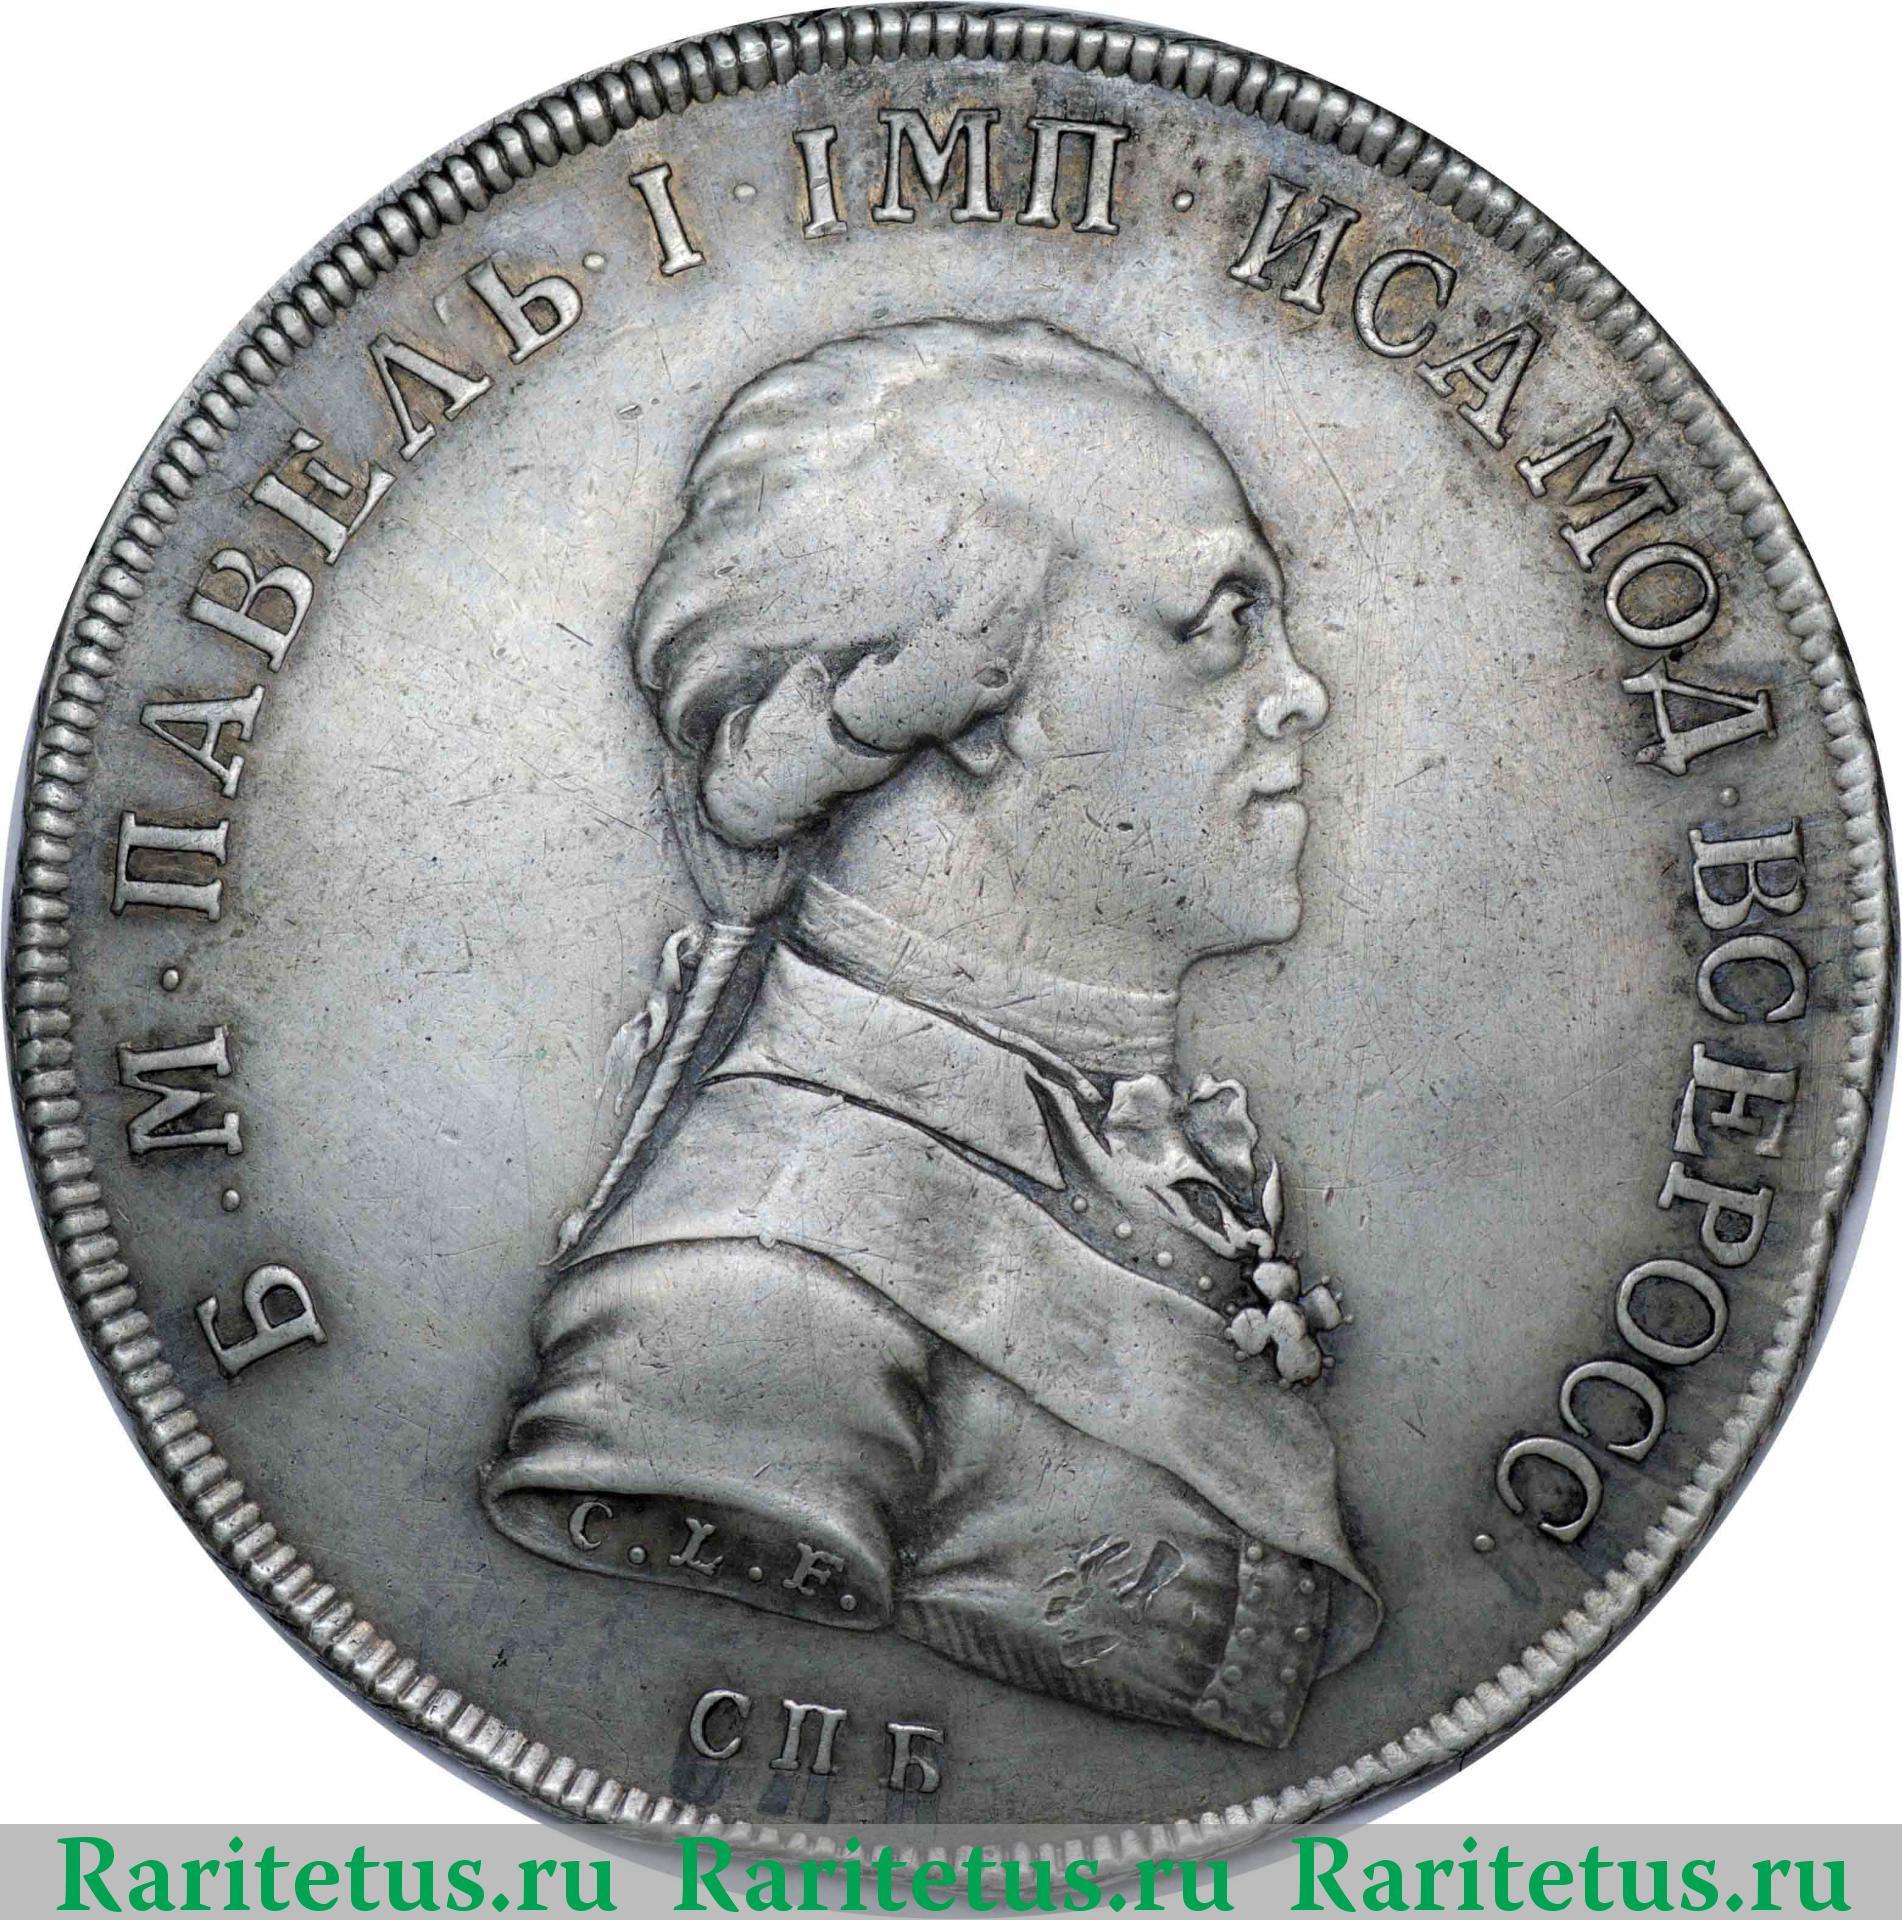 Монета 1 рубль 1796 года стоимость нумизматика в великом новгороде